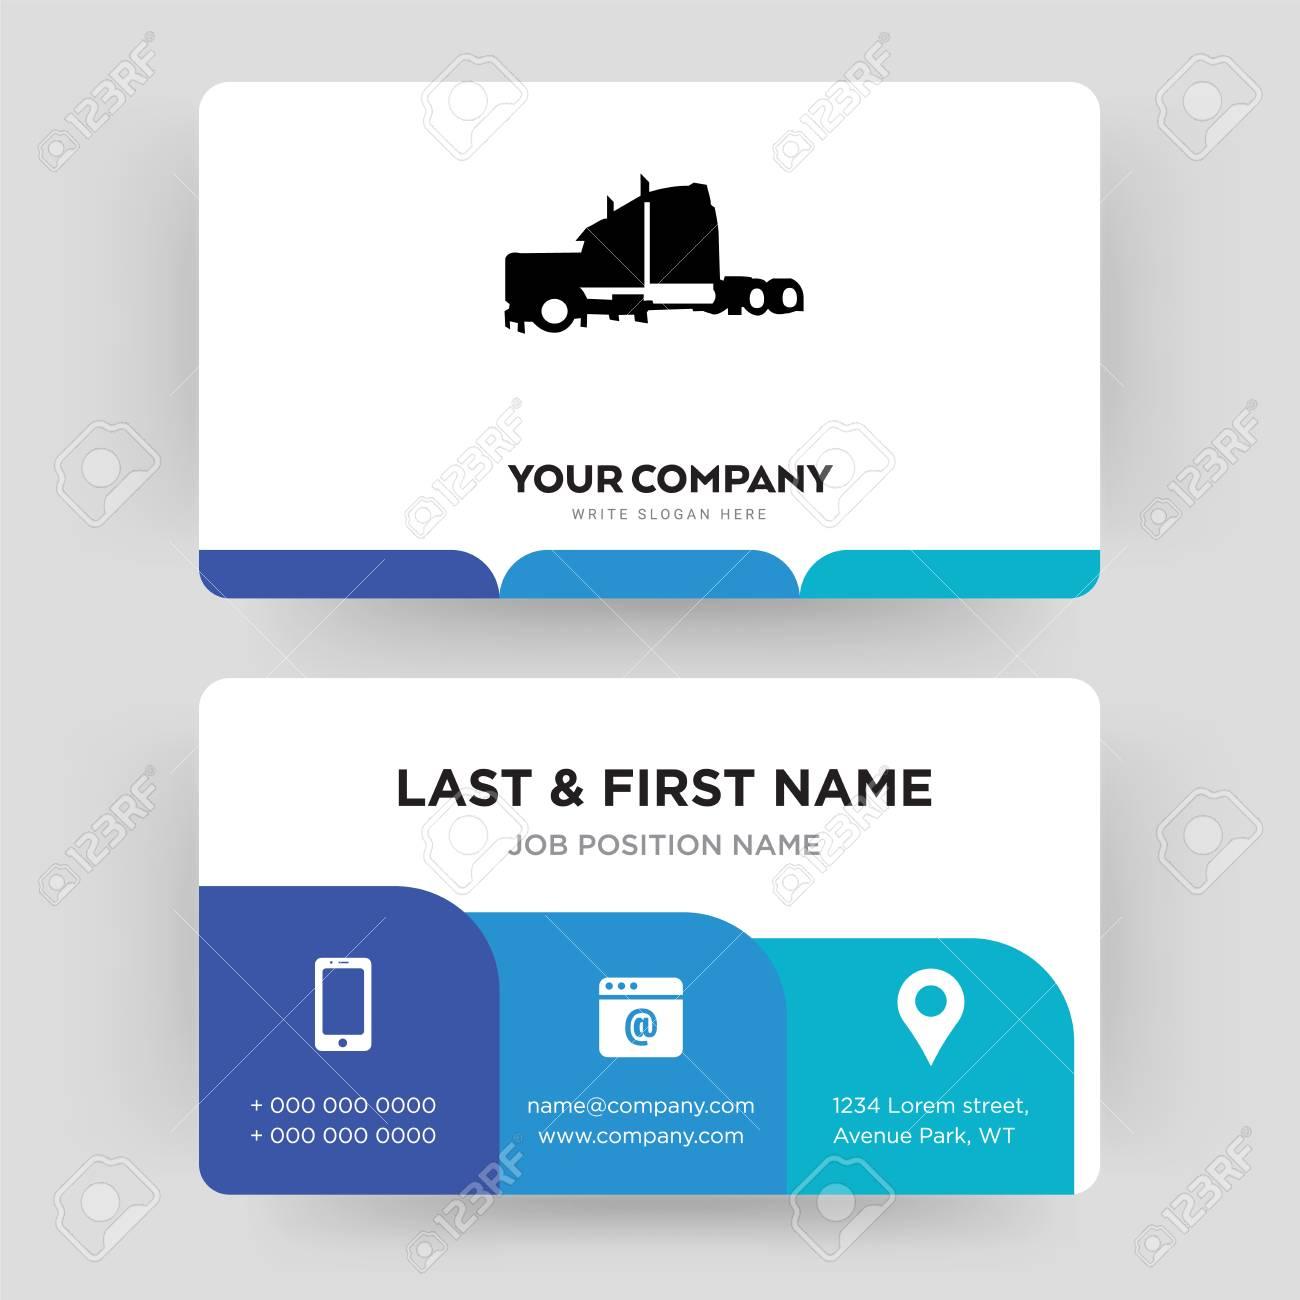 Semi truck business card design template visiting for your semi truck business card design template visiting for your company modern creative and colourmoves